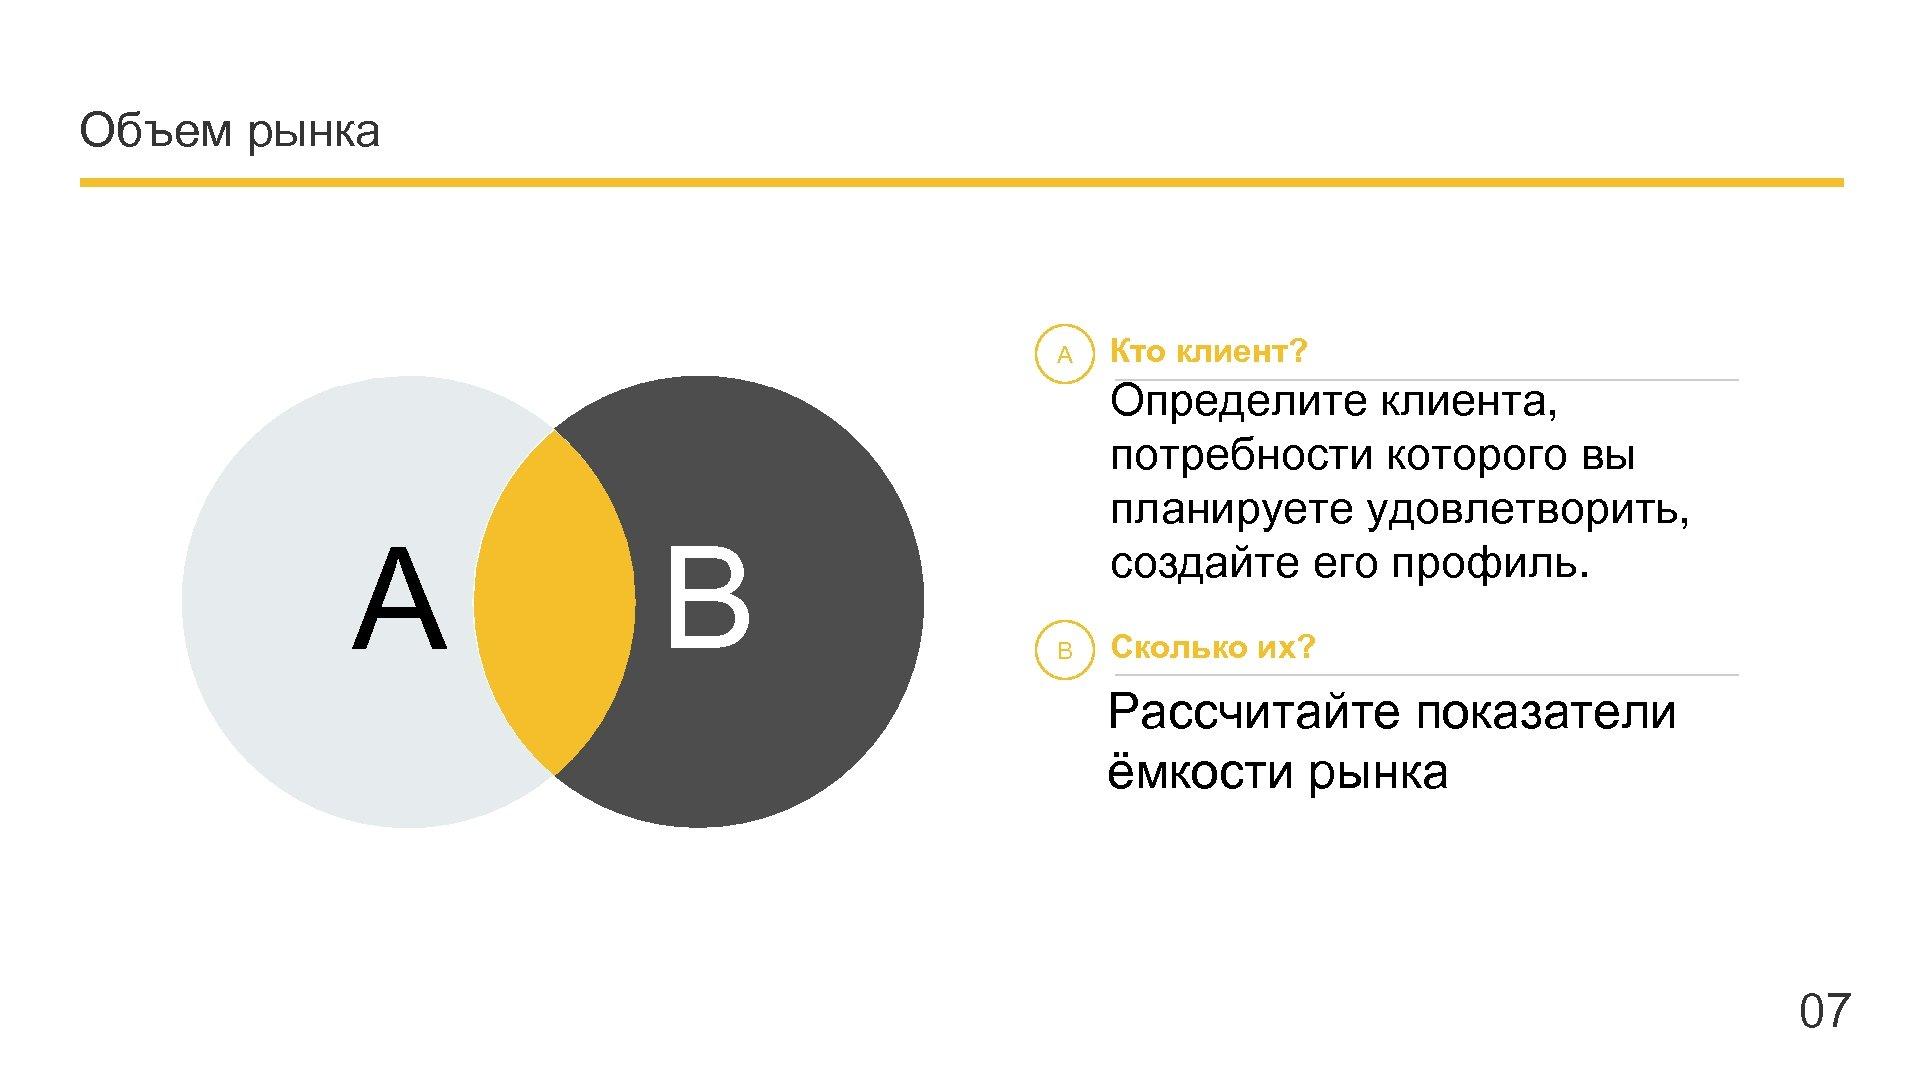 Объем рынка A A B Кто клиент? Определите клиента, потребности которого вы планируете удовлетворить,